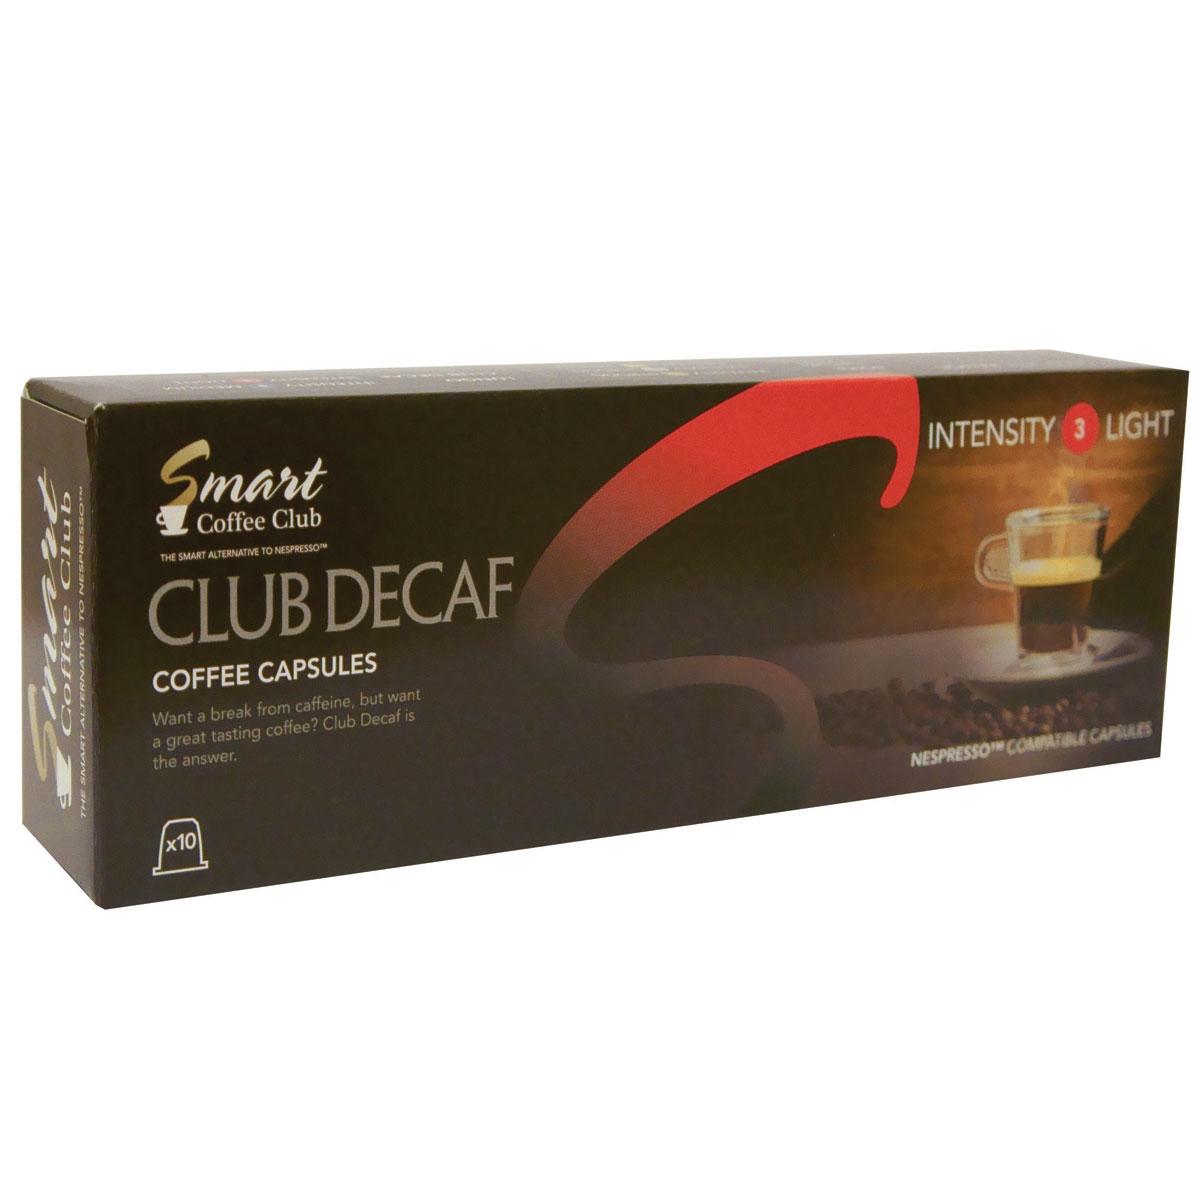 Smart Coffee Club Decaf кофе в капсулах5573063222122Традиционный деликатный вкус слегка обжаренной арабики Smart Coffee Club Decaf поможет вам расслабиться и насладиться моментом. Специально разработанная смесь с пониженным содержанием кофеина приготовлена без малейшего ущерба для вкуса и аромата напитка.